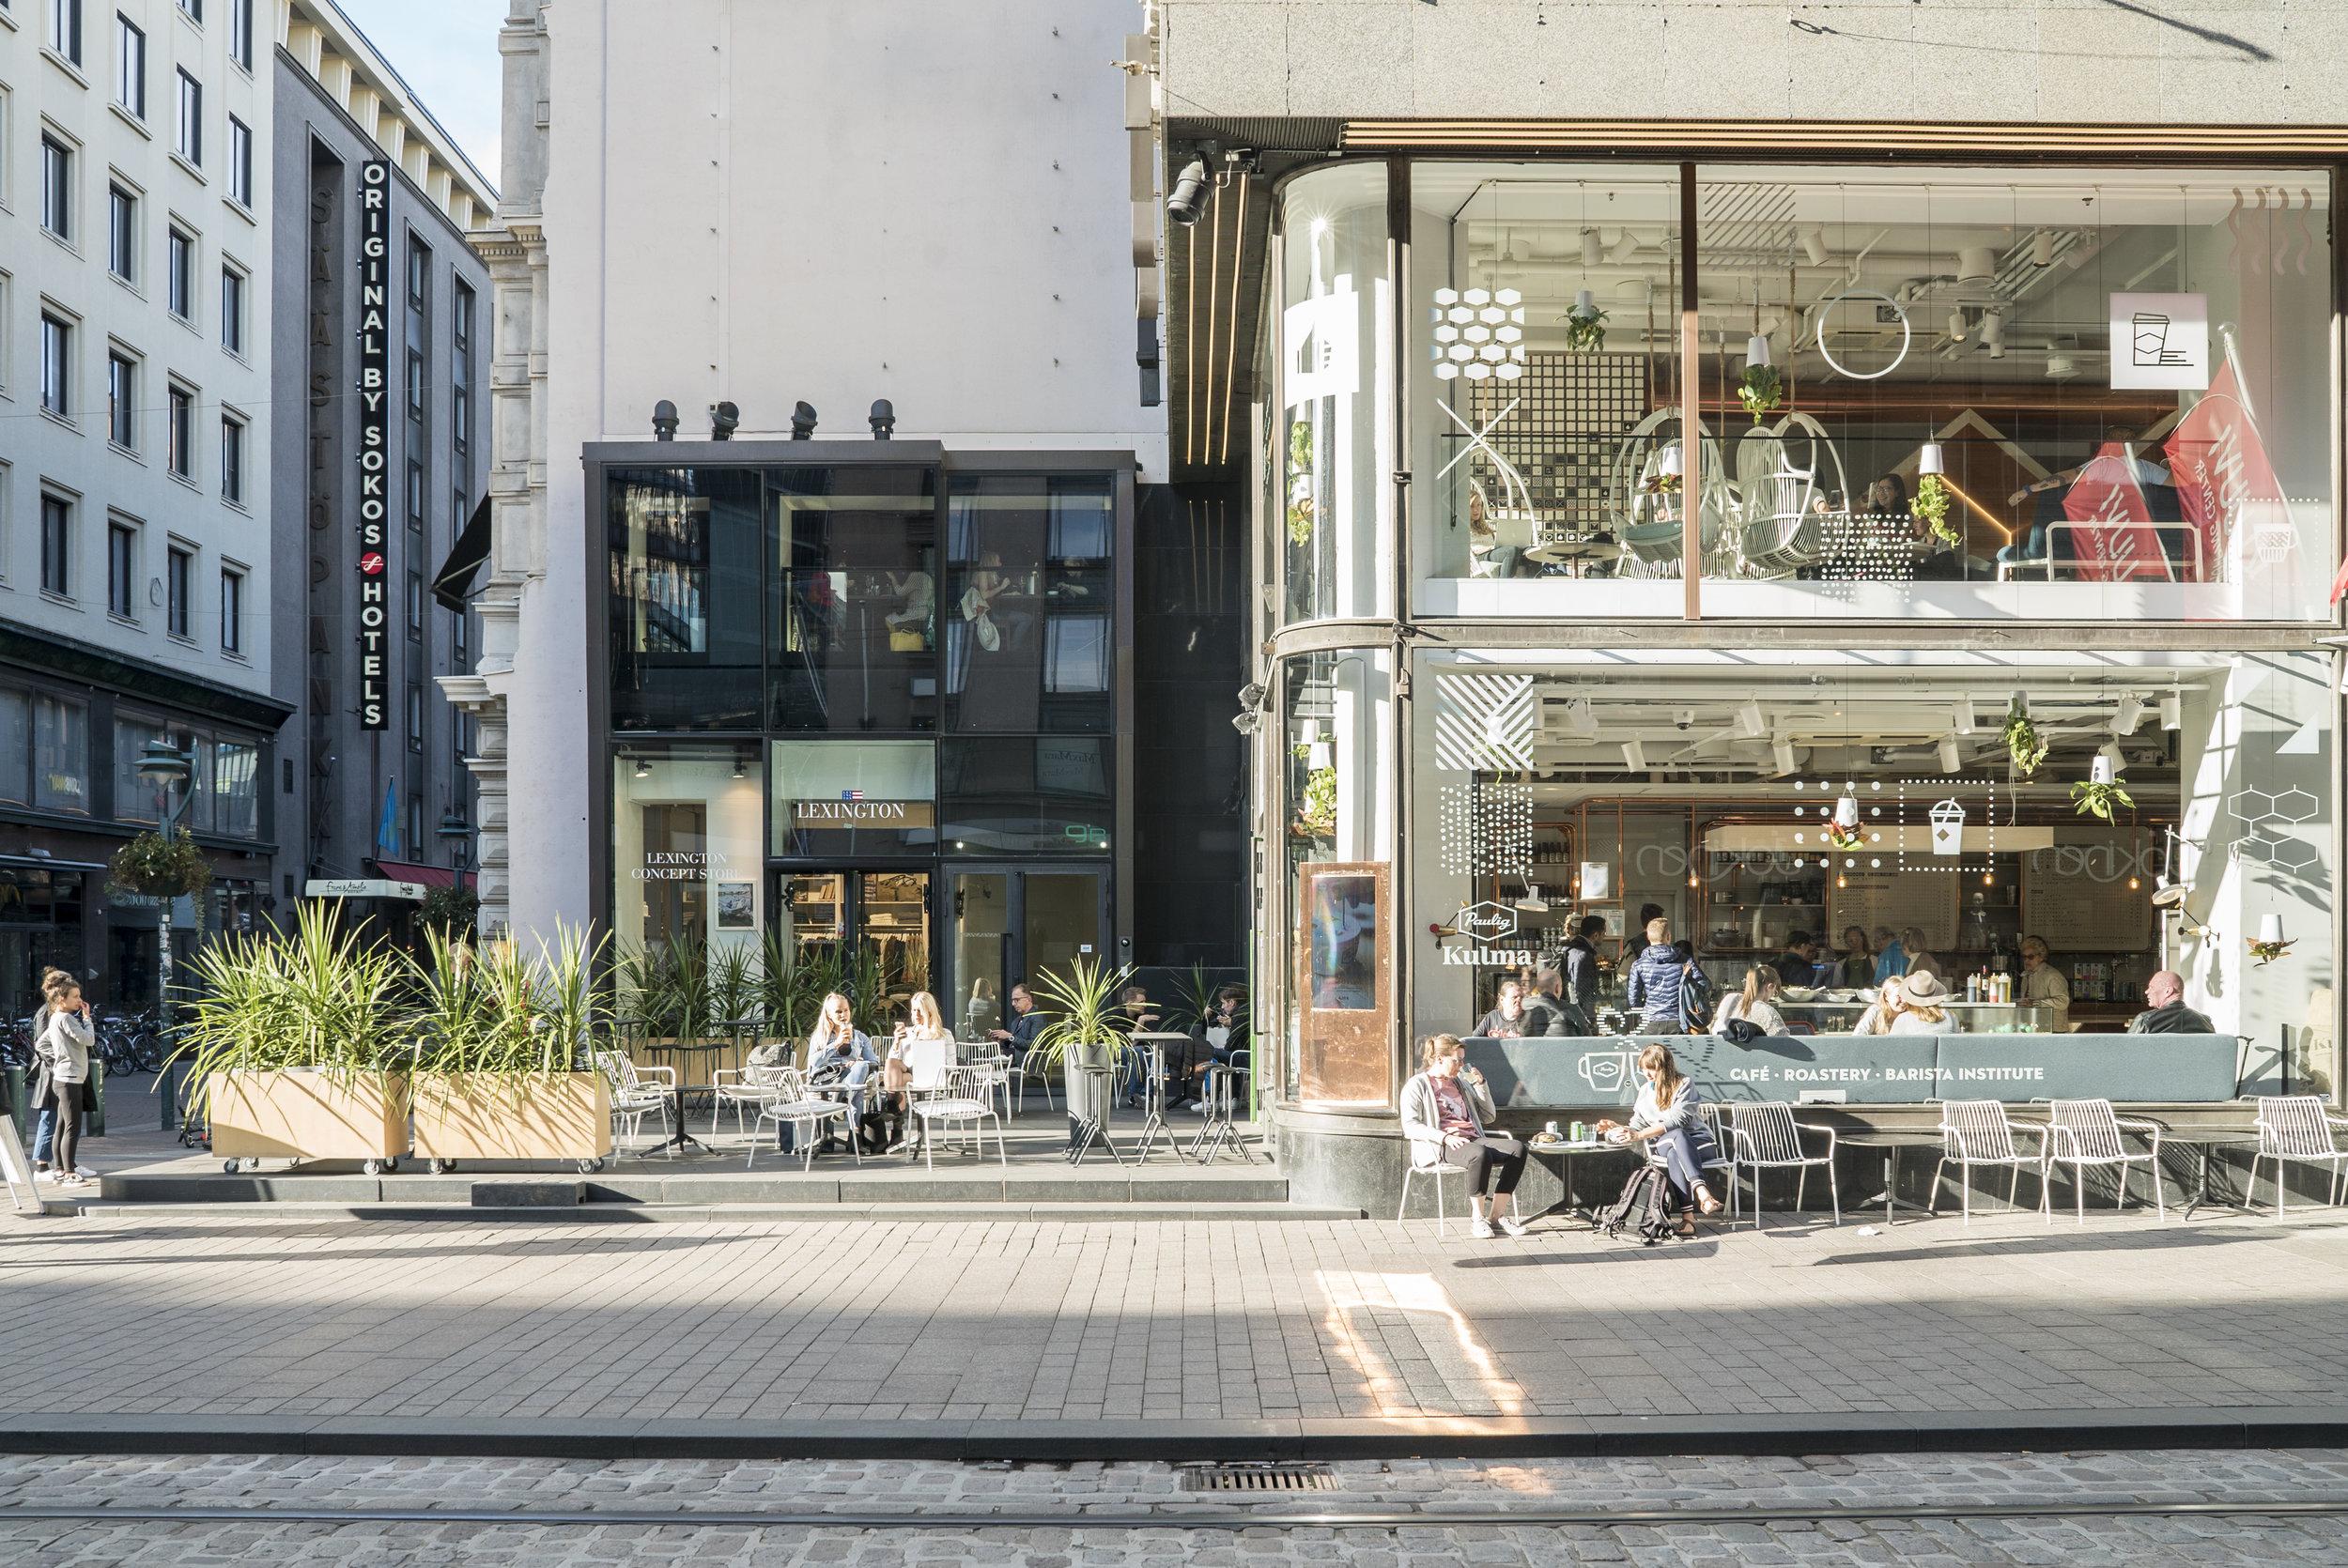 PAULIG KULMA - Aleksanterinkatu 9Paulig Kulma on elämyksiä, ainutlaatuisia kahvinautintoja sekä tyytyväisiä huokauksia. Meillä nautit paikan päällä paahdettua, käsityönä valmistettua kahvia sekä ainutlaatuisia herkkuja. Paulig Kulma on inspiroiva kohtaamispaikka Helsingissä Kluuvin kauppakeskuksessa. Kaiken keskiössä on kahvi, johon suhtaudutaan ilolla ja intohimolla. Kahden kerroksen kahvilan, paahtimon, terassin ja Barista Instituten Paulig Kulmassa on tilaa tavata, tehdä töitä tai vain rentoutua keskellä kaupungin vilinää.www.paulig.fi/kulma